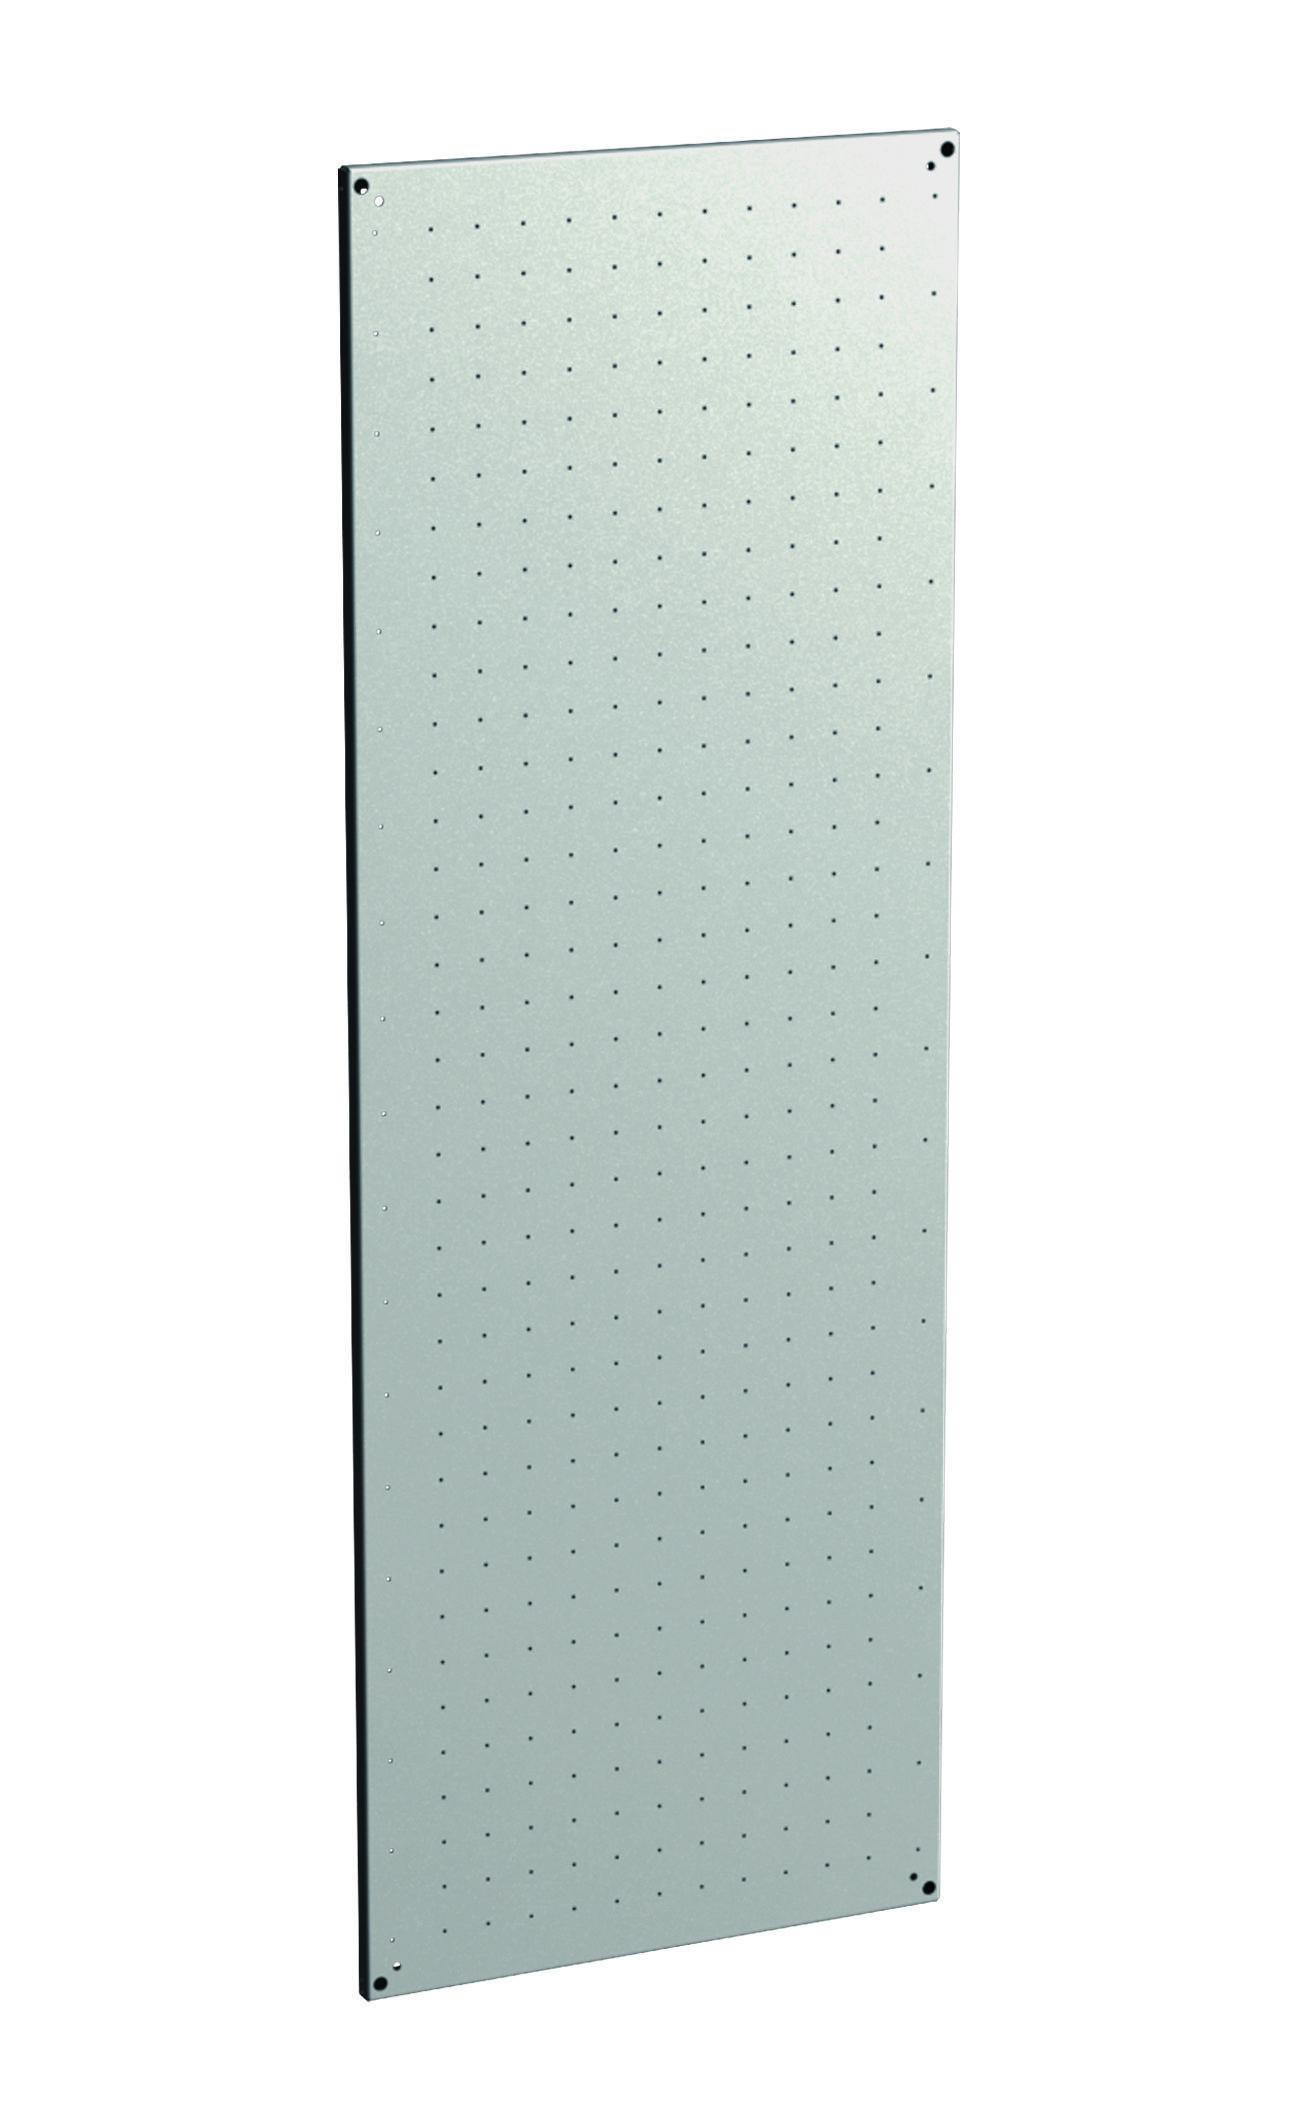 Панель монтажная микроперфорированная (MP 220.80 P)